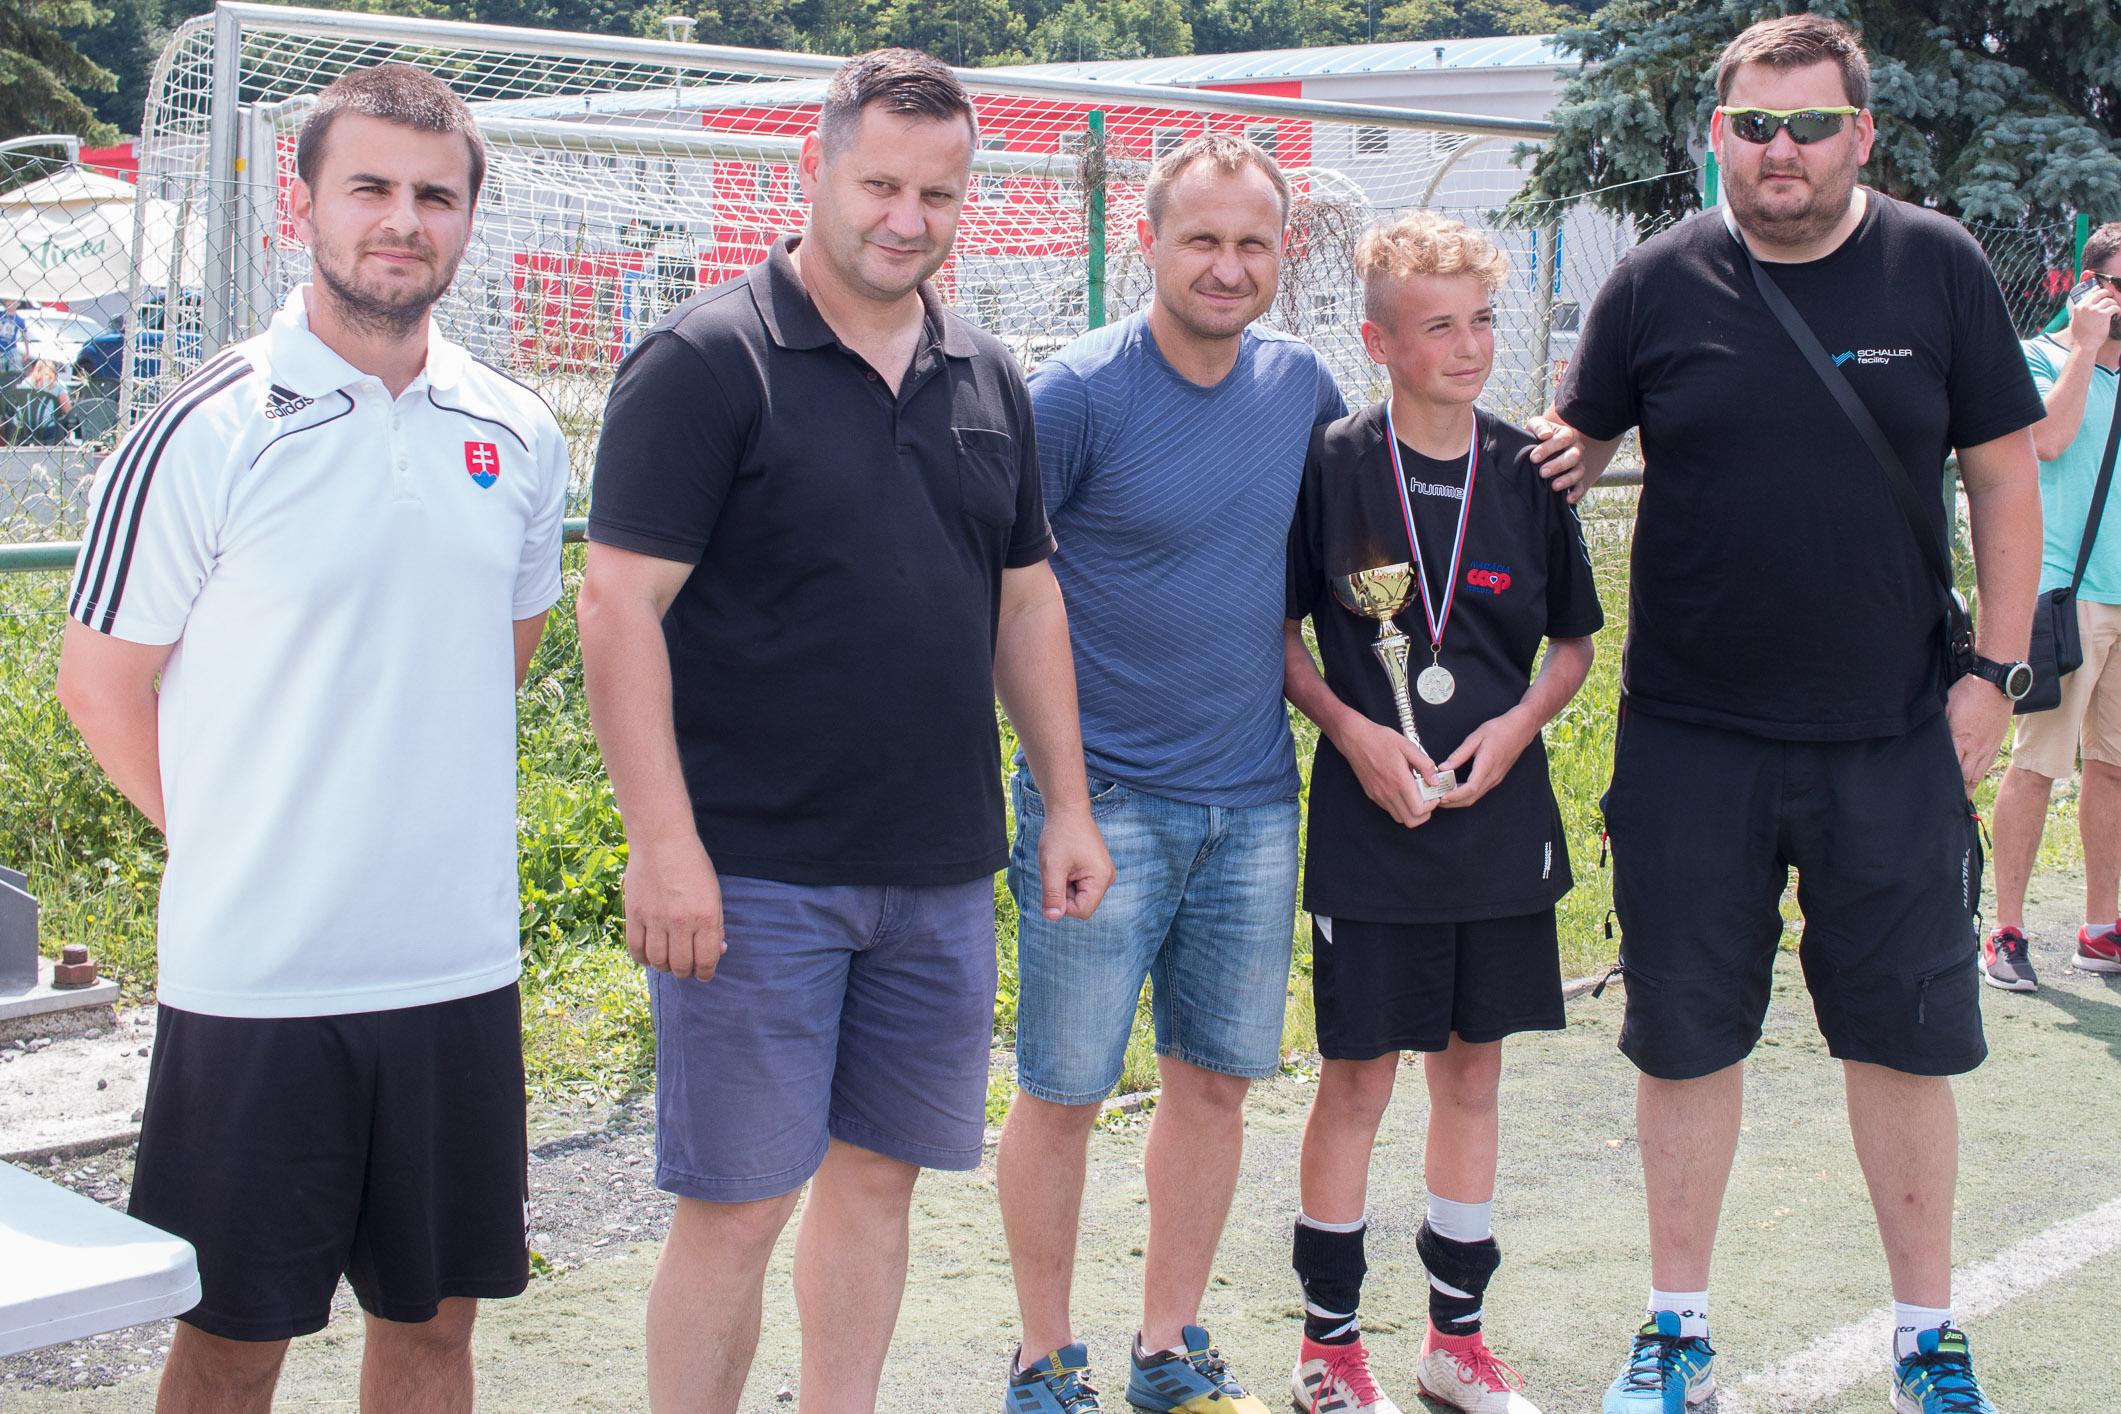 futbal-u15-zv-alexyho